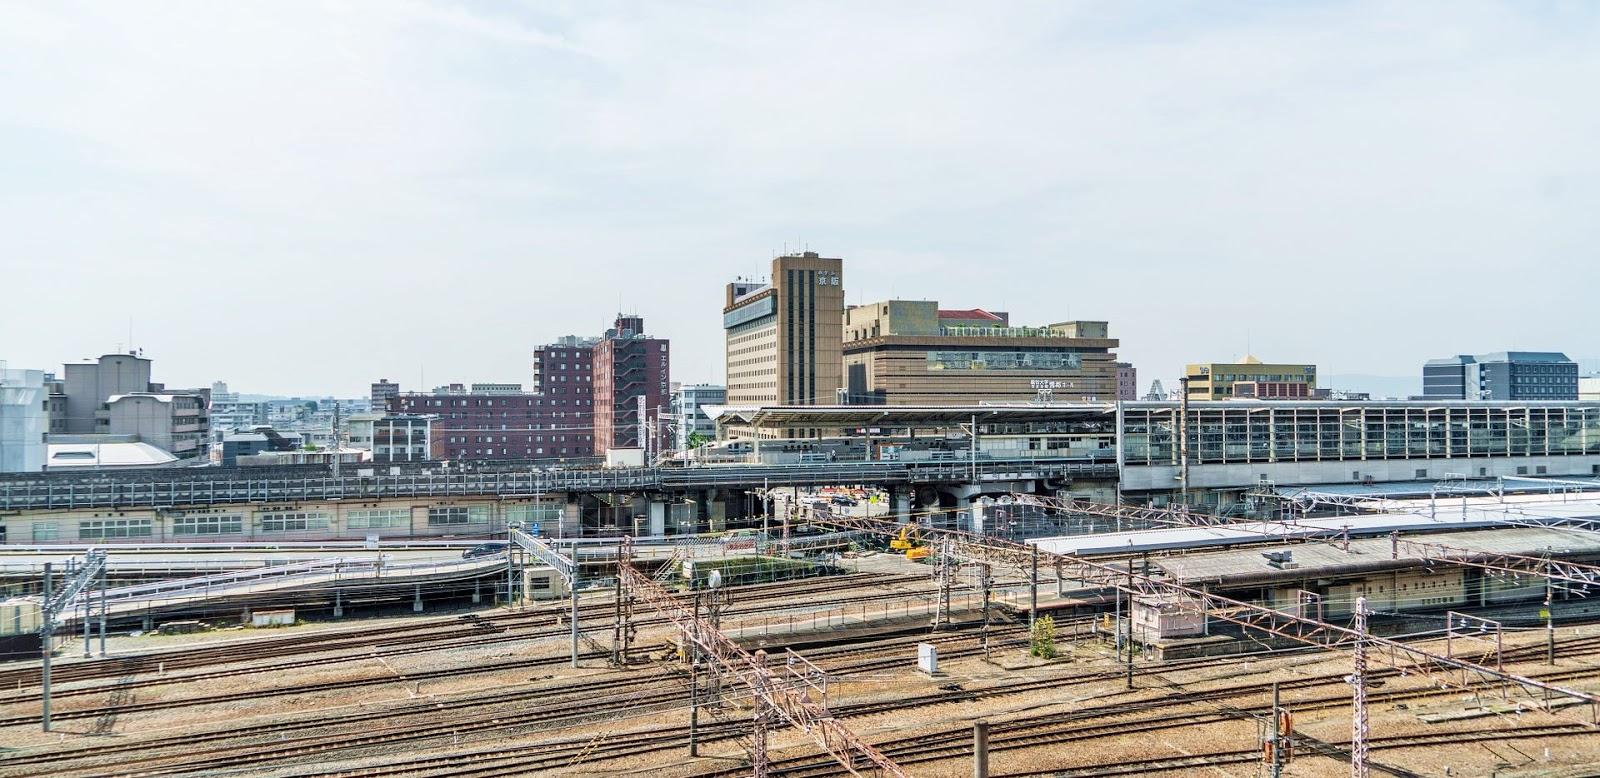 京都-交通-巴士-公車-地鐵-私鐵-JR-優惠券-便宜-介紹-kyoto-public-transport-日本-關西